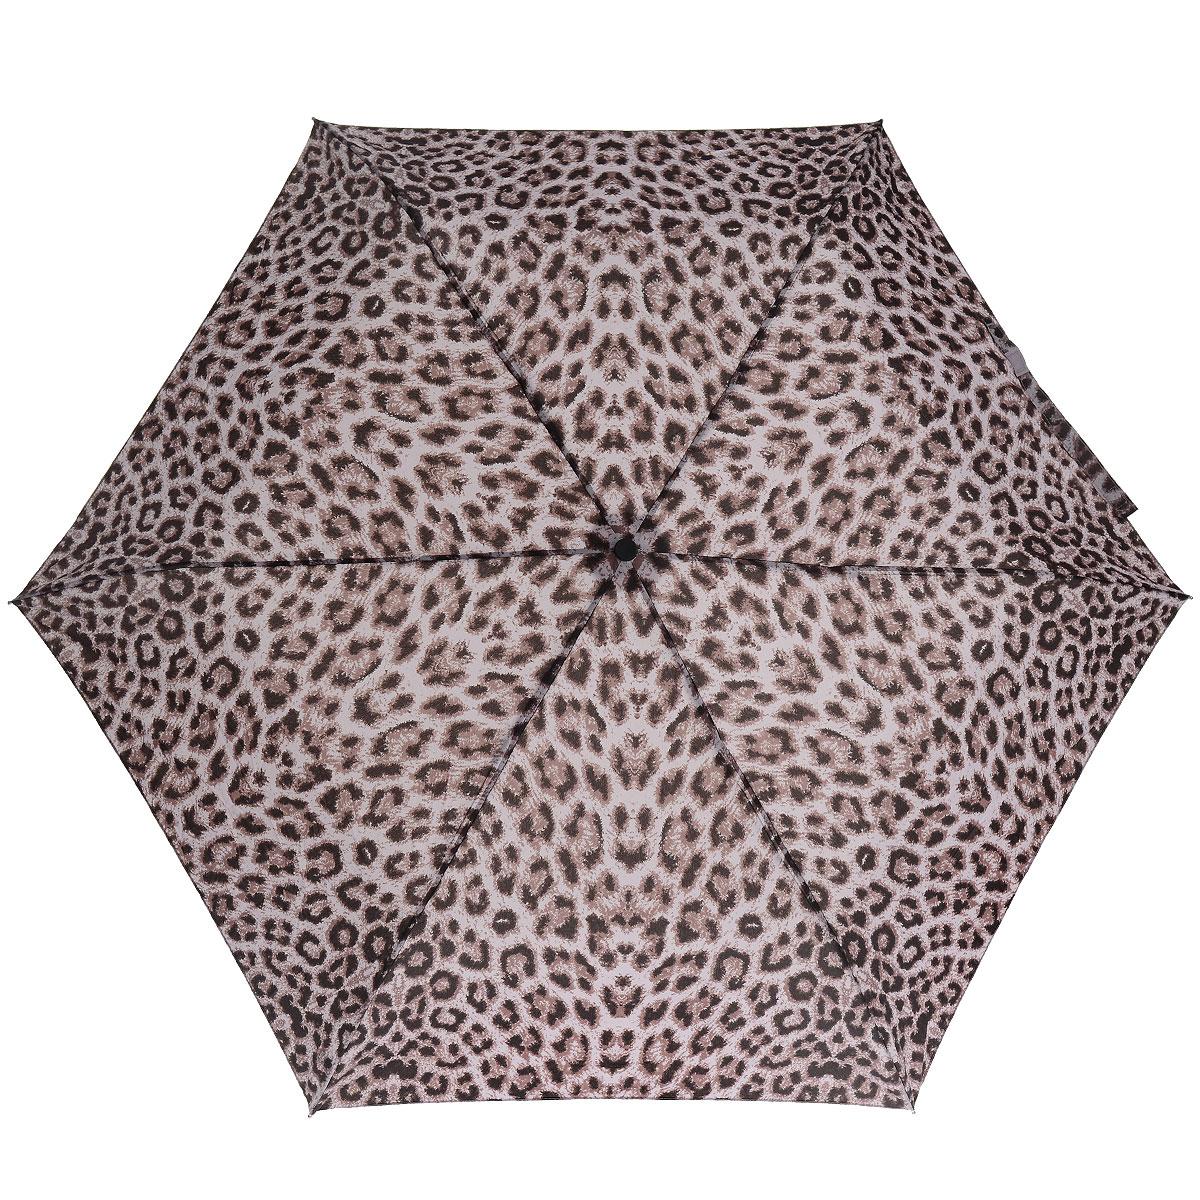 """Зонт женский Fulton Puma Purple, механический, 3 сложения, цвет: темно-розовыйL553 3F2626Стильный зонт Fulton """"Puma Purple"""" защитит от непогоды, а его компактный размер позволит вам всегда носить его с собой. """"Ветростойкий"""" алюминиевый каркас в 3 сложения состоит из шести спиц с элементами из фибергласса, зонт оснащен удобной рукояткой из пластика. Купол зонта выполнен из прочного полиэстера и оформлен леопардовым принтом. На рукоятке для удобства есть небольшой шнурок-резинка, позволяющий надеть зонт на руку тогда, когда это будет необходимо. К зонту прилагается чехол на липучке. Зонт механического сложения: купол открывается и закрывается вручную, стержень также складывается вручную до характерного щелчка."""